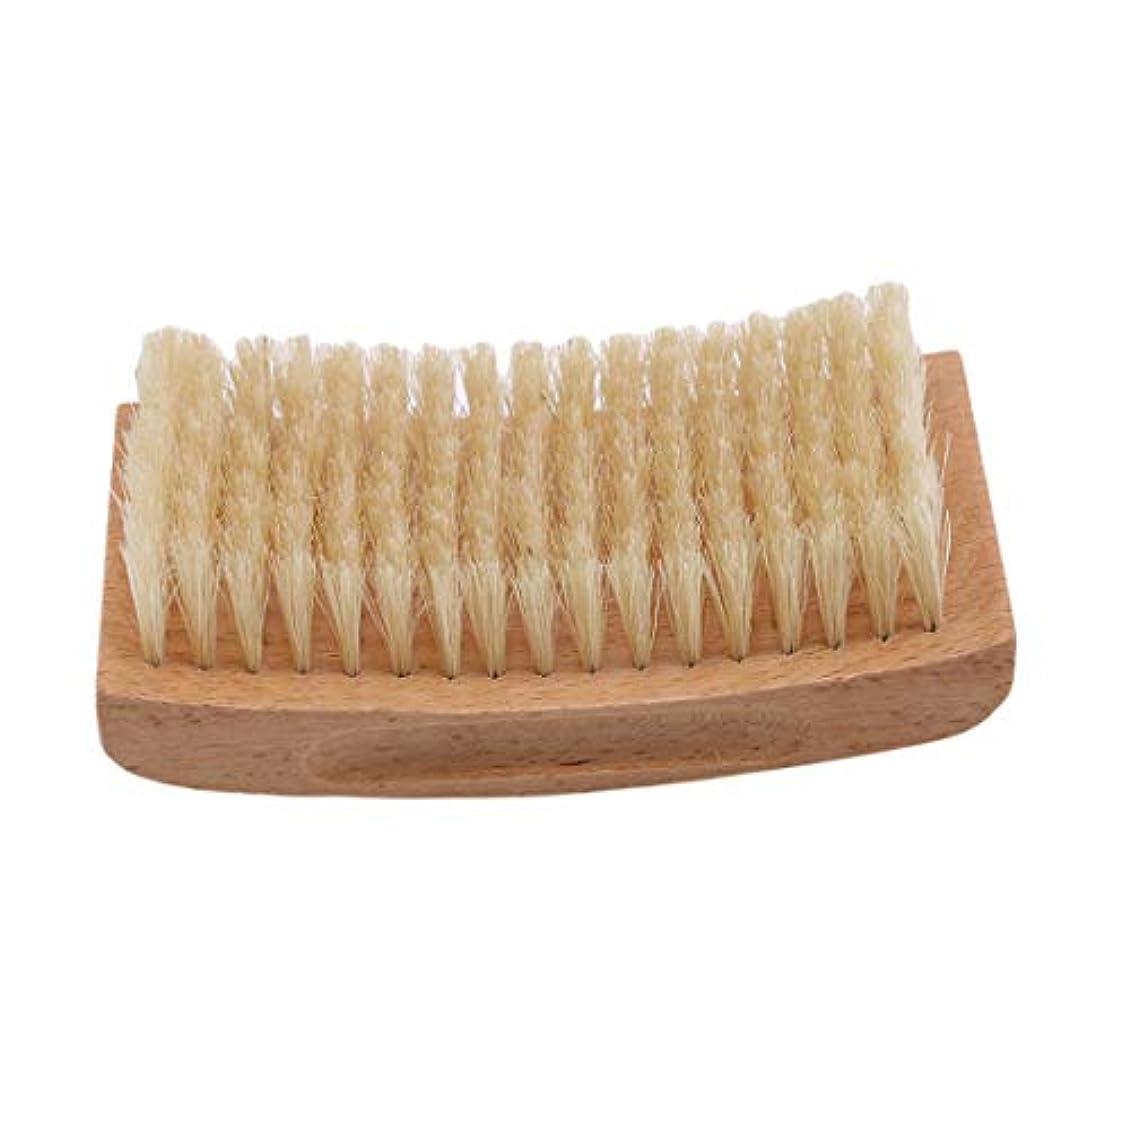 遺跡些細な連帯KLUMA ひげブラシ シェービングブラシ 理容 洗顔 髭剃り 泡立ち 洗顔ブラシ 2#